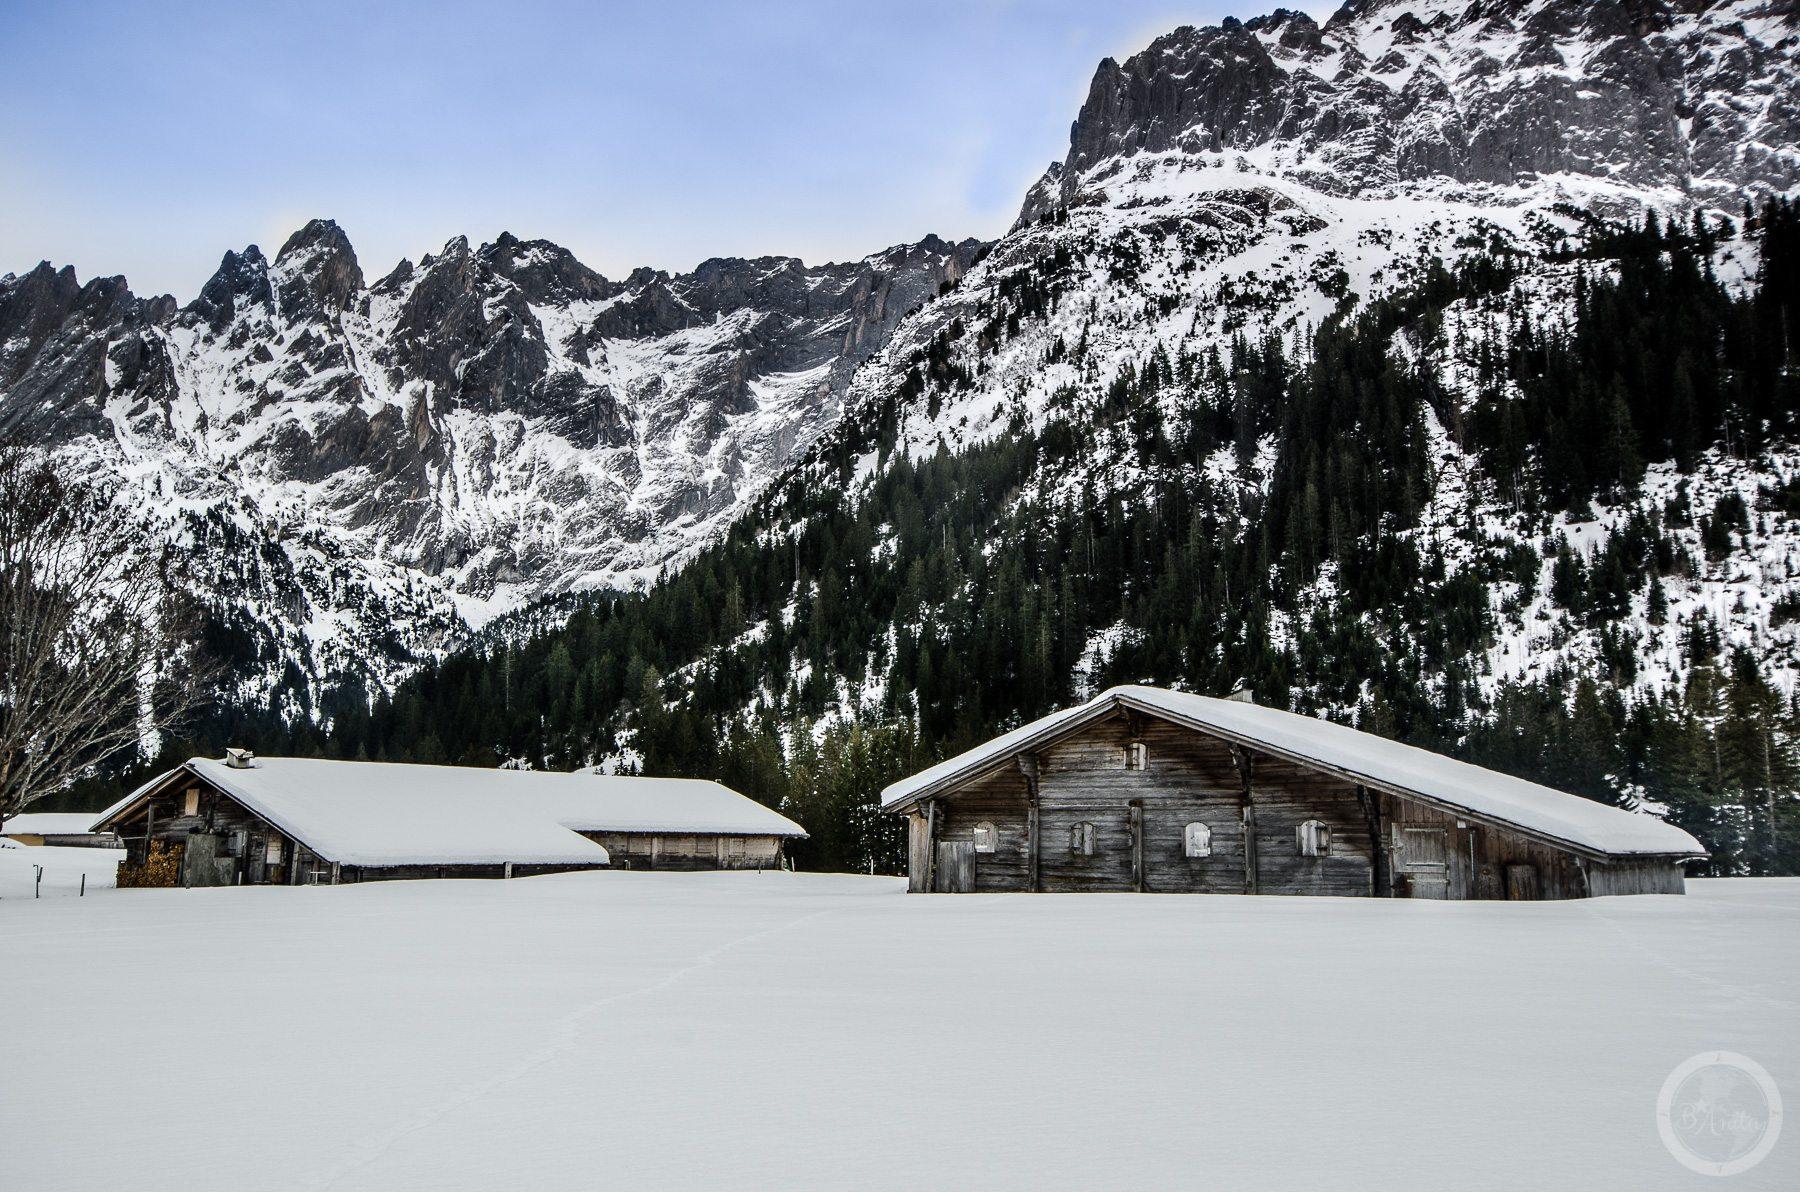 Drewniane ośnieżone chaty upodnóża skalistych gór. Schwarzwaldalp, Szwajcaria